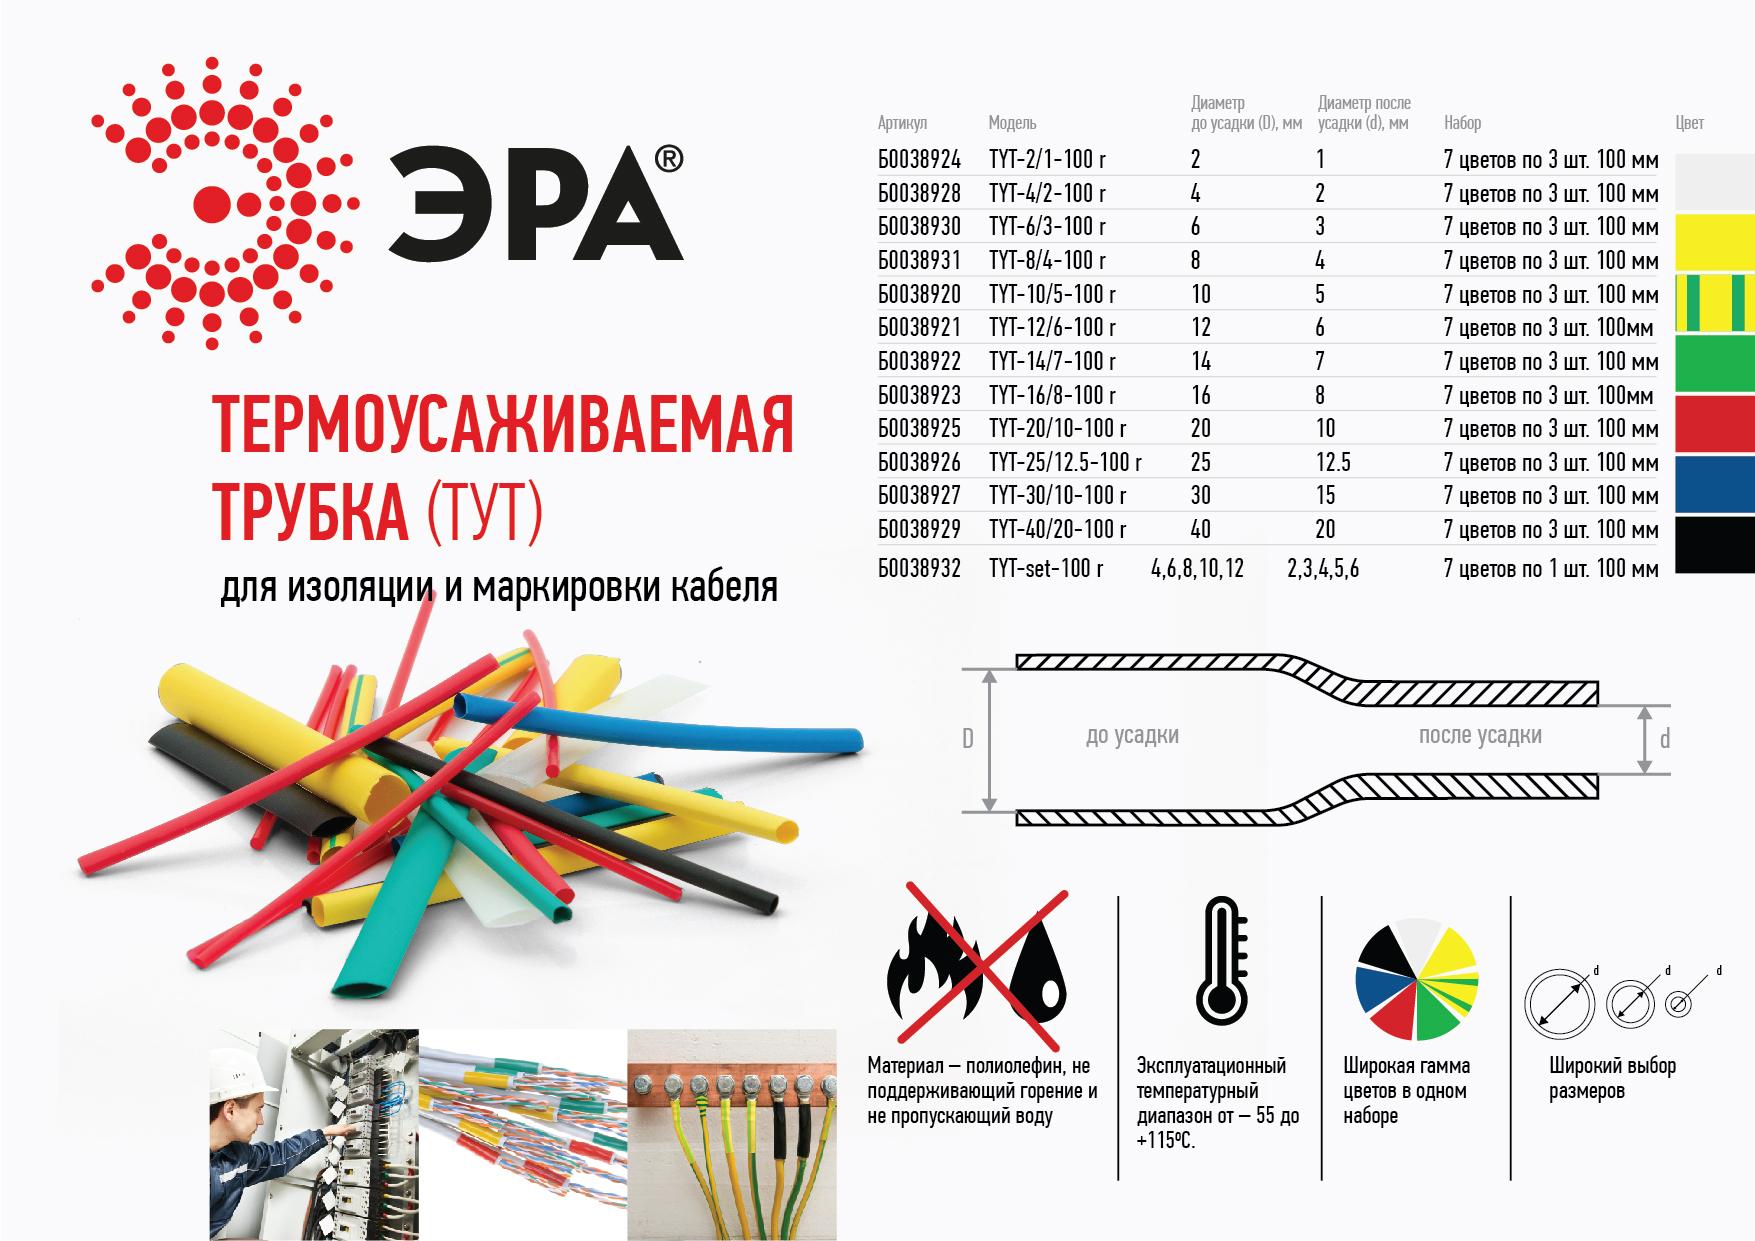 Термоусаживаемы трубки в Волгограде